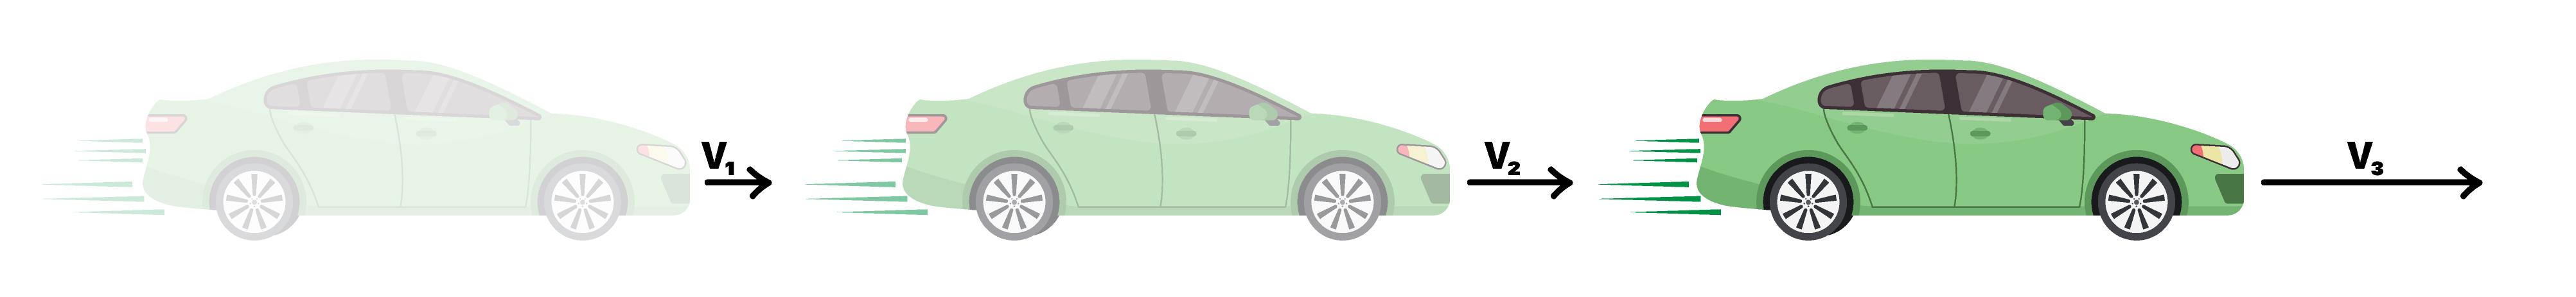 carro aumentando de velocidade